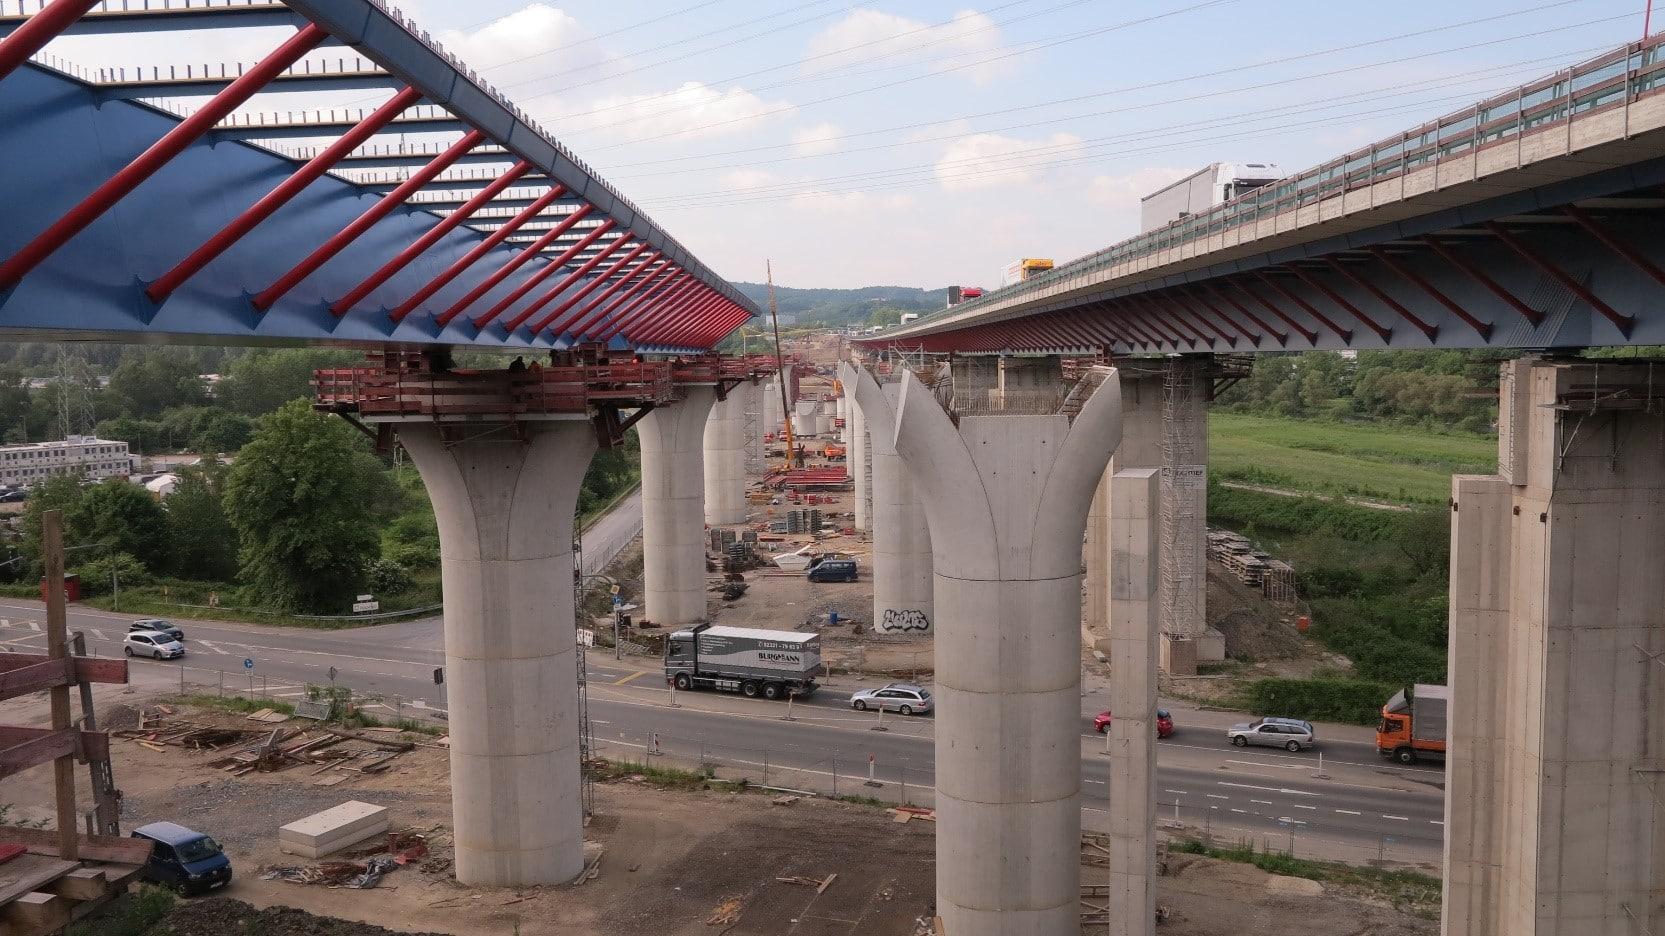 Taktkeller für das Hersellen der neuen Lenntalbrücke an der A 45 Brücke im sogenannten Taktschiebeverfahren